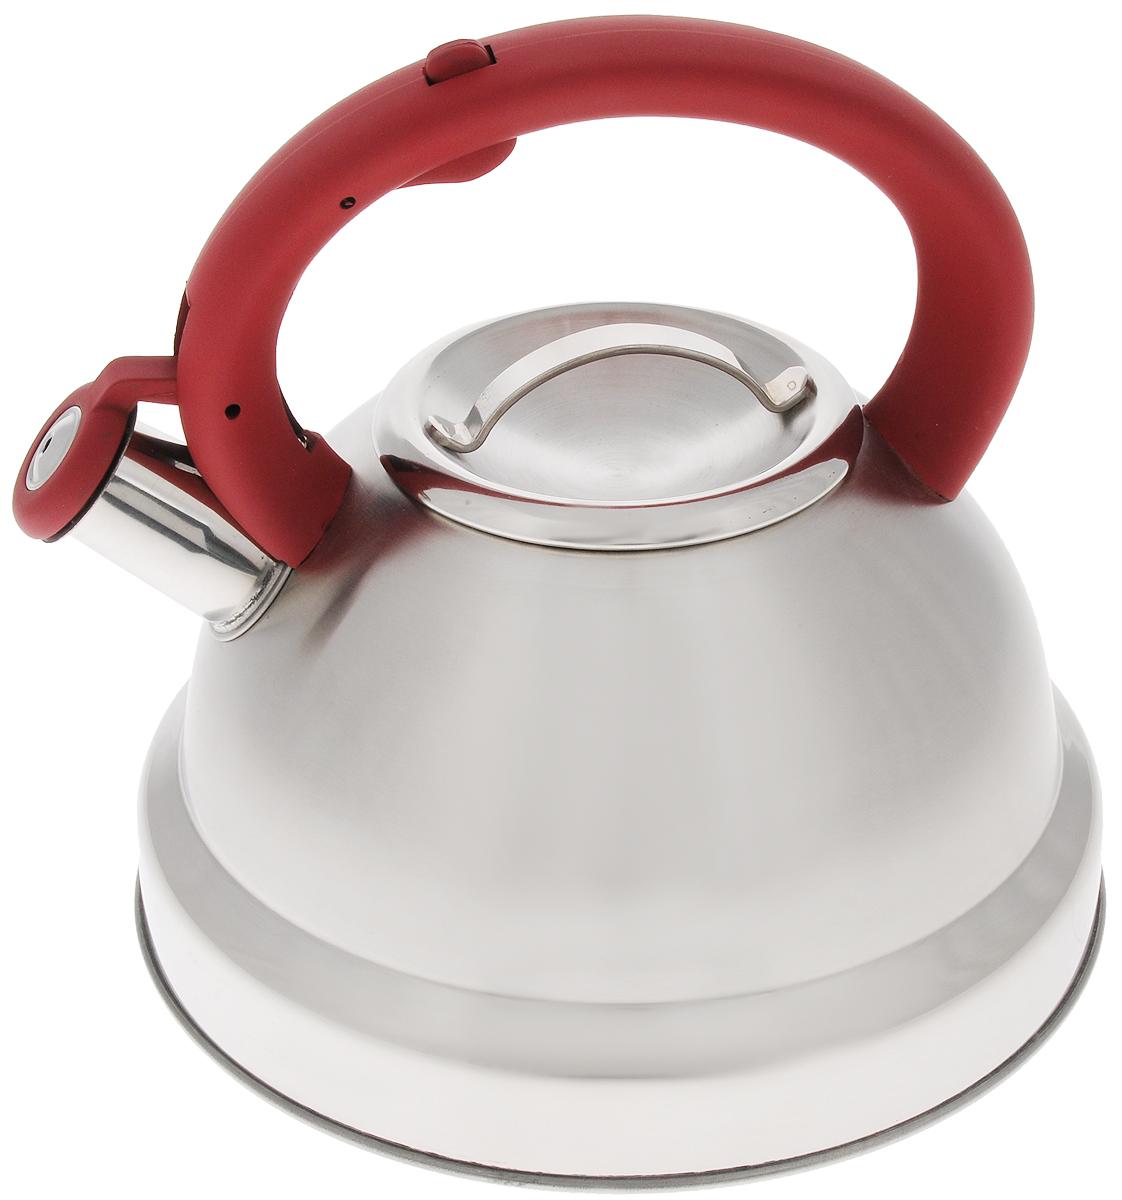 Чайник Mayer & Boch, со свистком, 3,5 л. 21419115510Чайник Mayer & Boch выполнен из высококачественной нержавеющей стали. Фиксированная ручка снабжена механизмом для открывания носика, что делает использование чайника очень удобным и безопасным. Носик чайника оснащен свистком, что позволит вам контролировать процесс подогрева или кипячения воды.Эстетичный и функциональный чайник будет оригинально смотреться в любом интерьере.. Подходит для всех видов плит, включая индукционные. Можно мыть в посудомоечной машине. Диаметр чайника (по верхнему краю): 10 см.Диаметр основания: 22 см. Высота чайника (с учетом ручки): 20,5 см.Диаметр индукционного диска: 17,5 см.